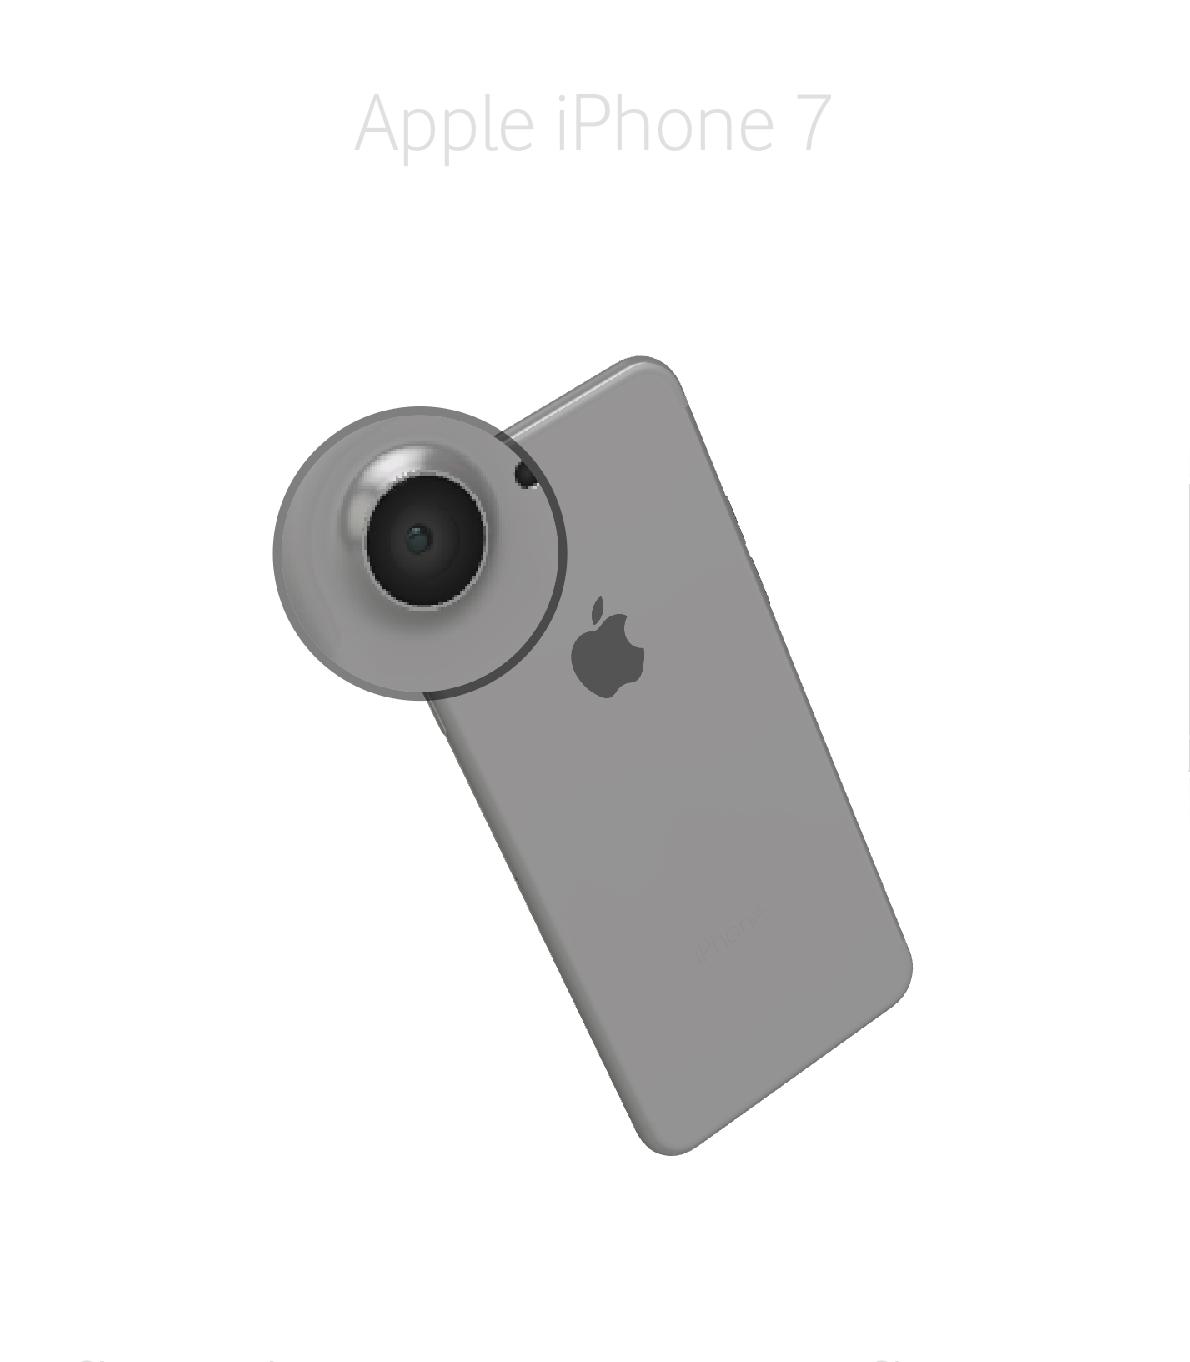 Laga kameralins iPhone